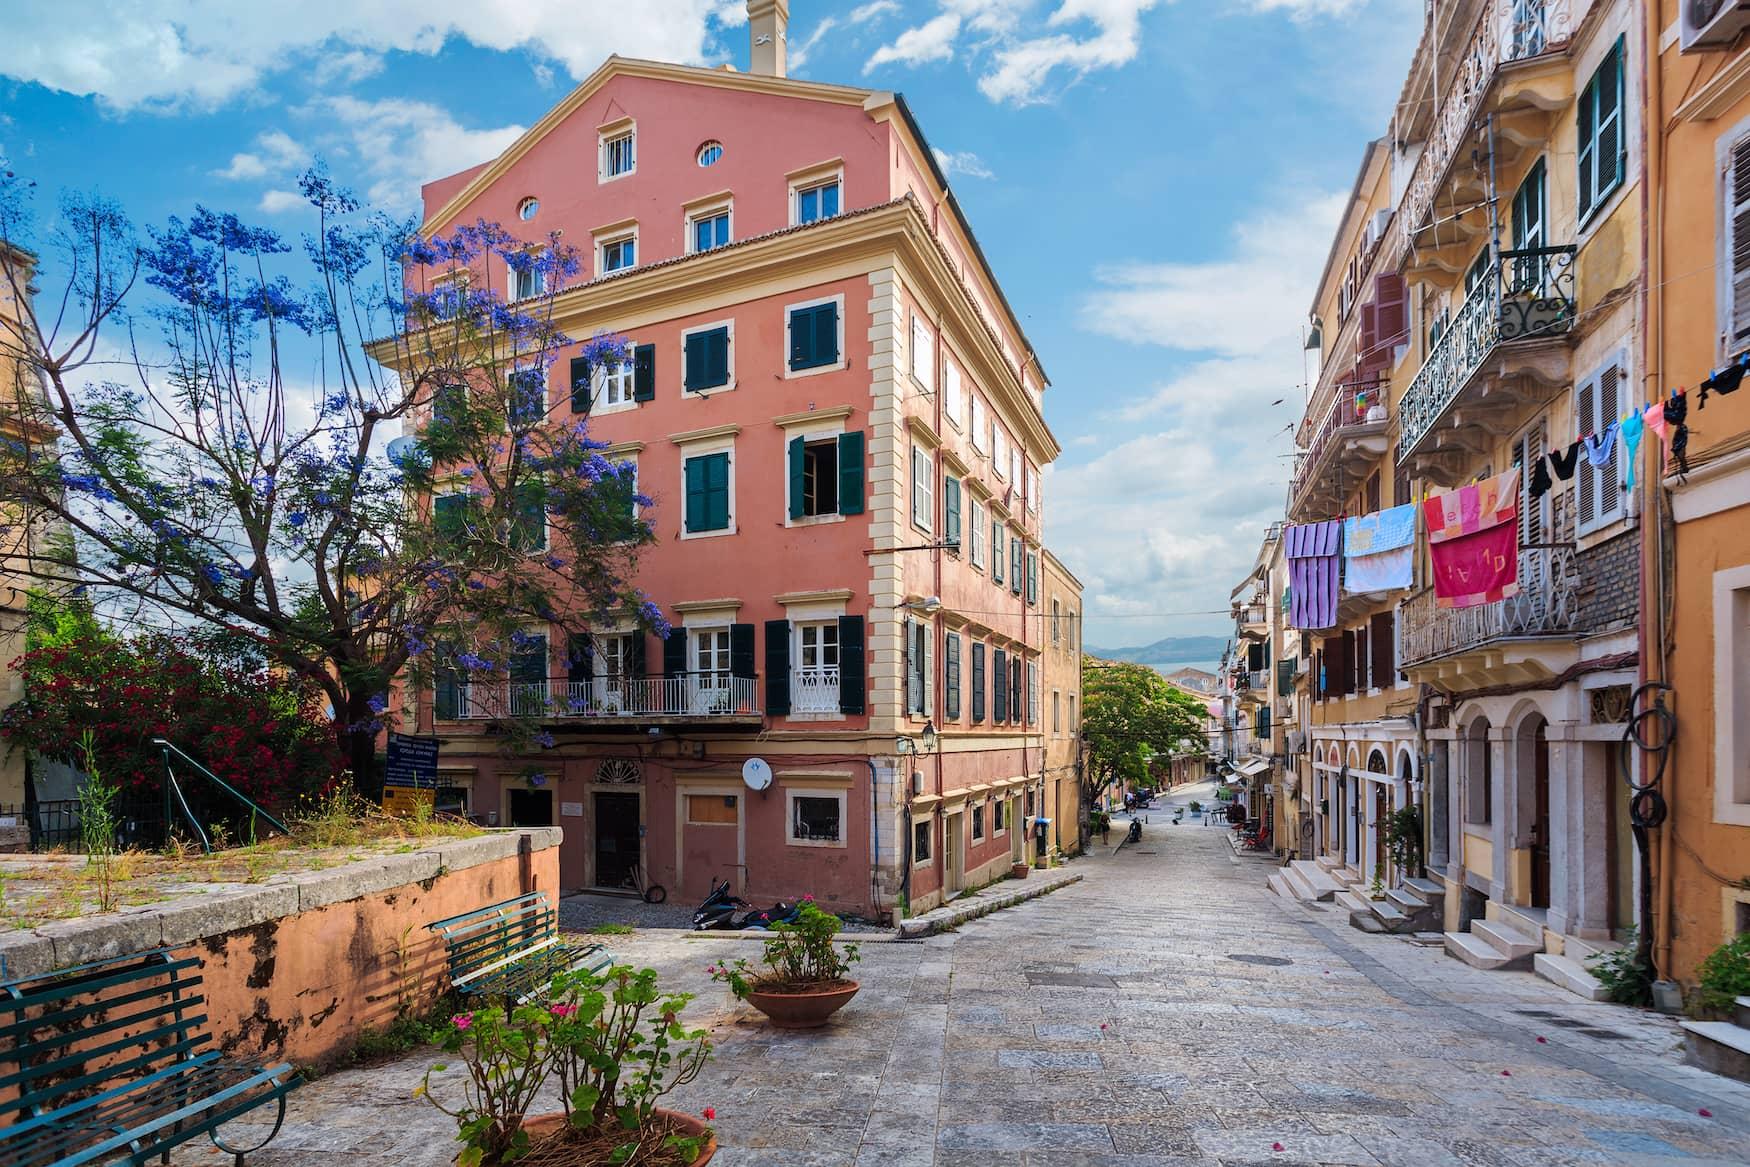 Durch die Straßen der Altstadt von Korfu zu schlendern gehört definitiv zu unseren Korfu Tipps